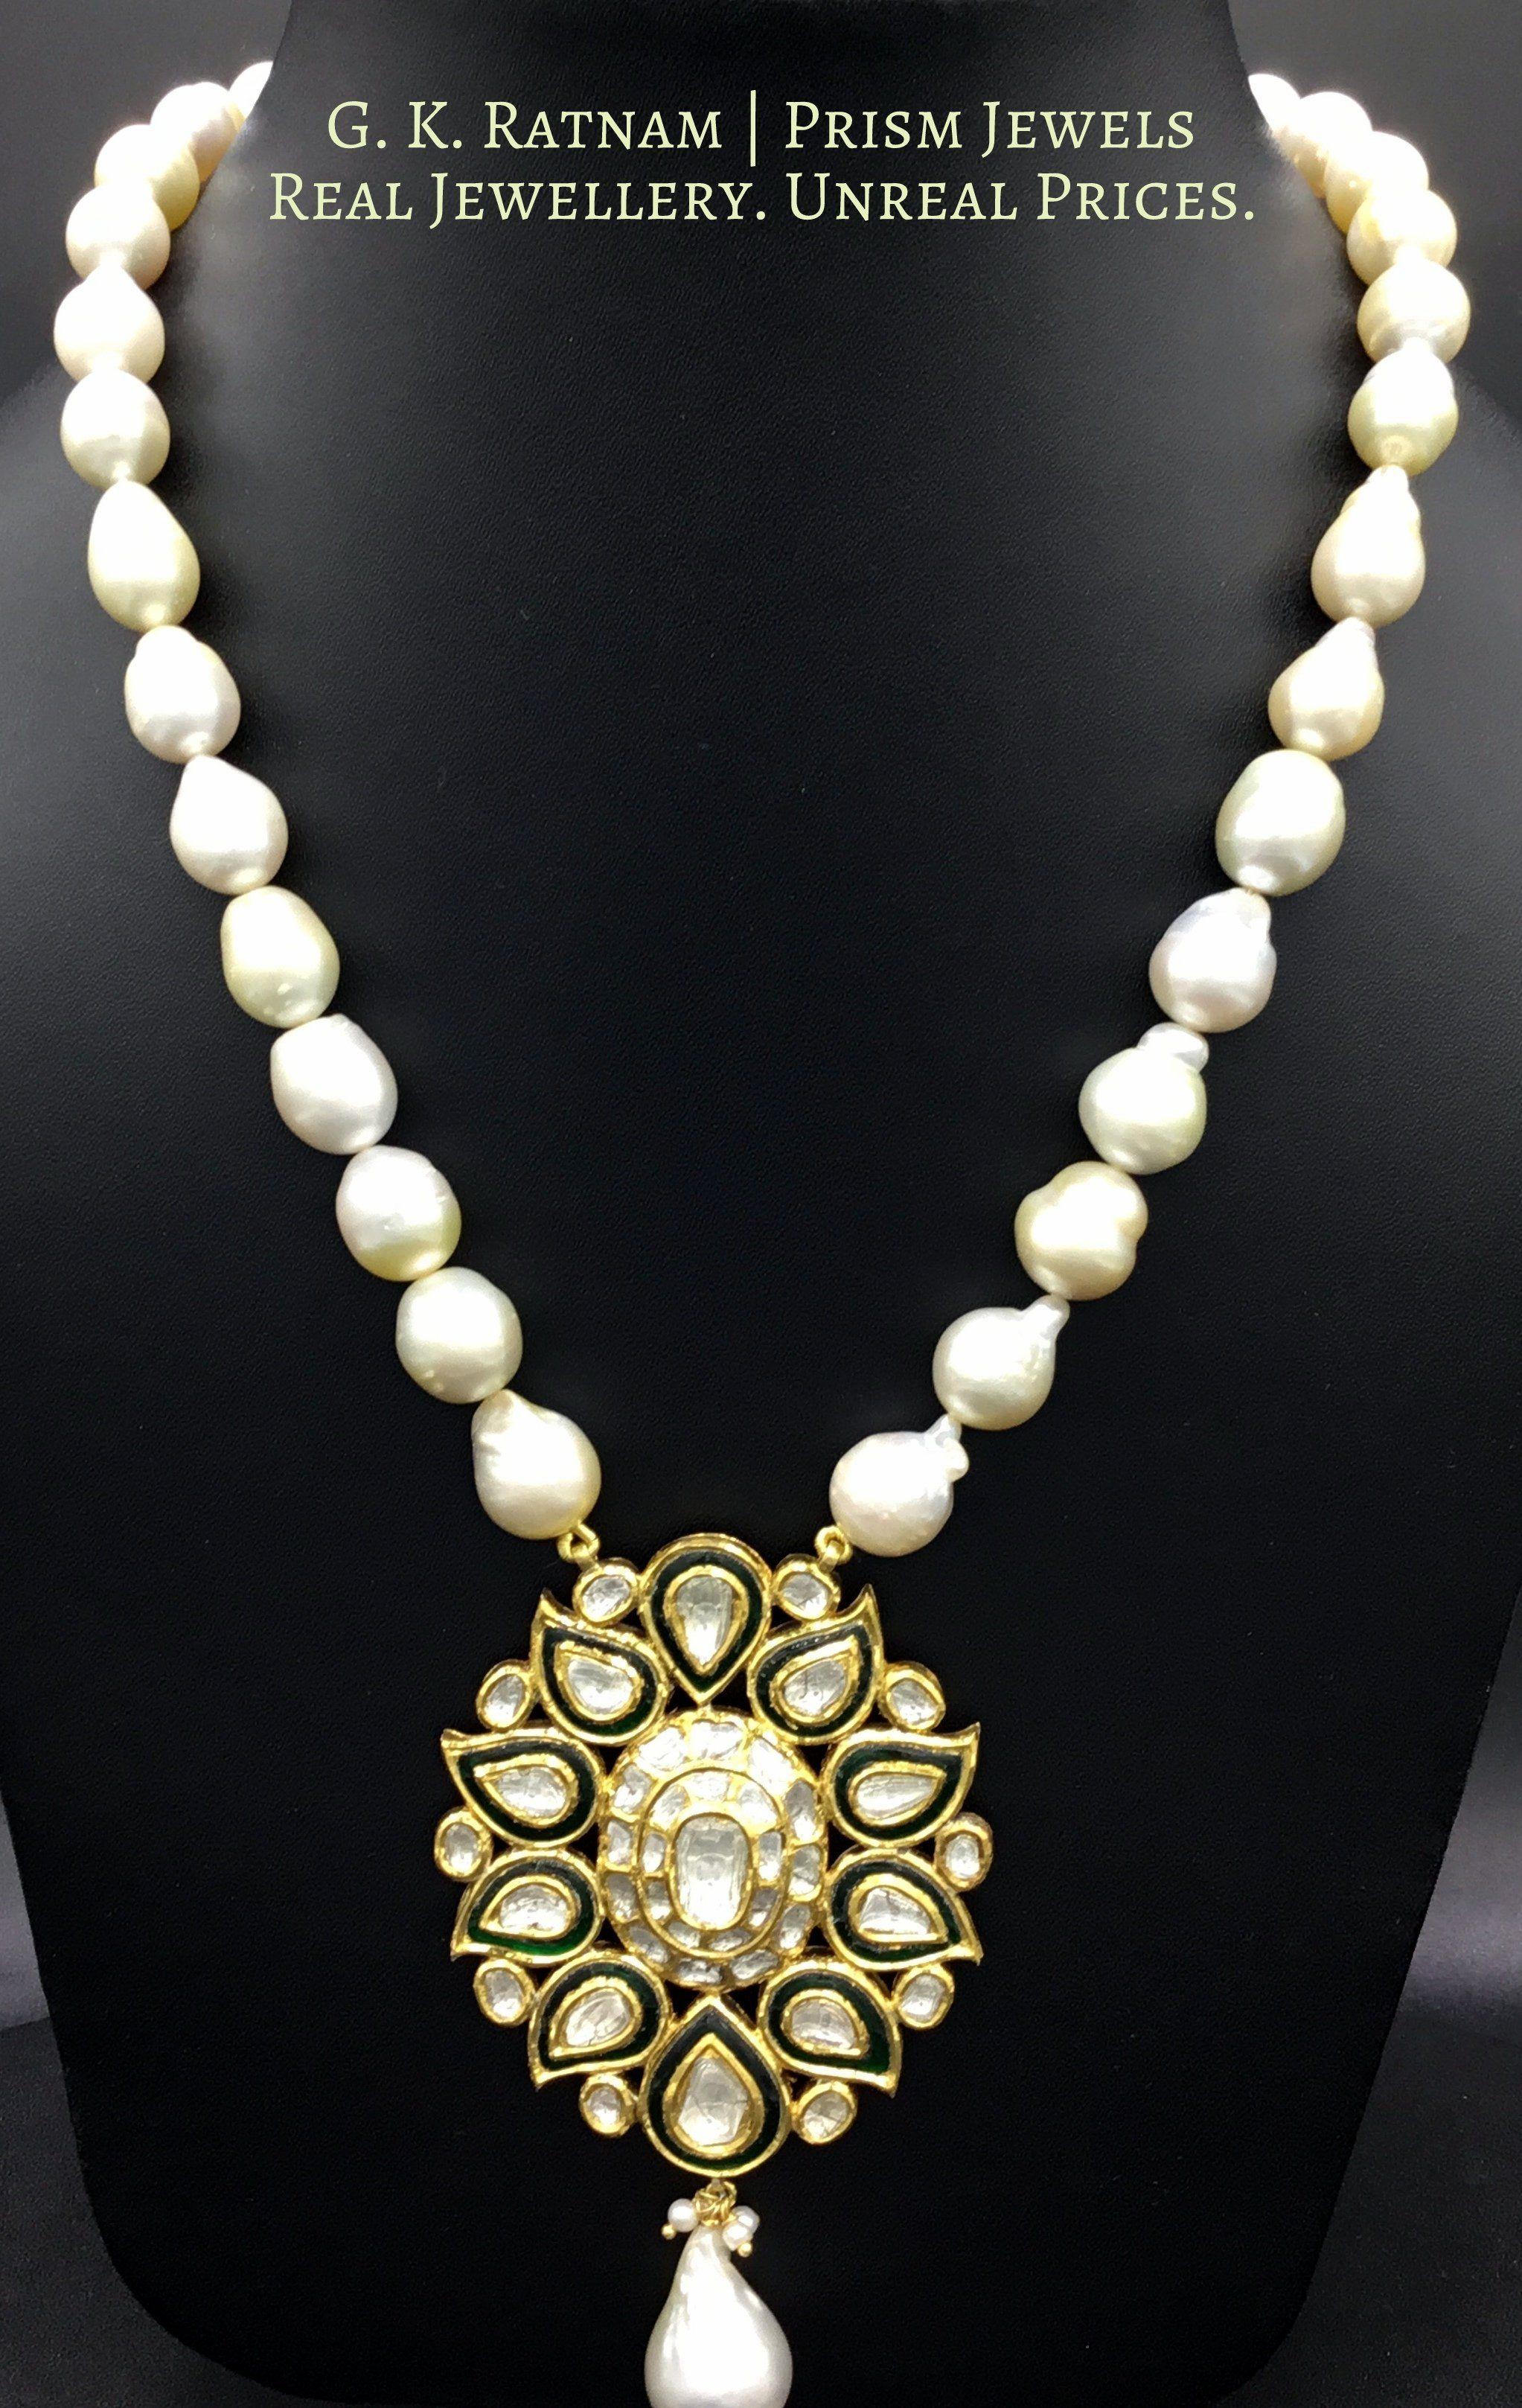 Pendant set uncut diamond pendant set and indian bridal diamond polki vilandi polki uncut diamonds old cut diamonds traditional indian bridal wedding kundan meena jadau jadtar hallmarked aloadofball Choice Image